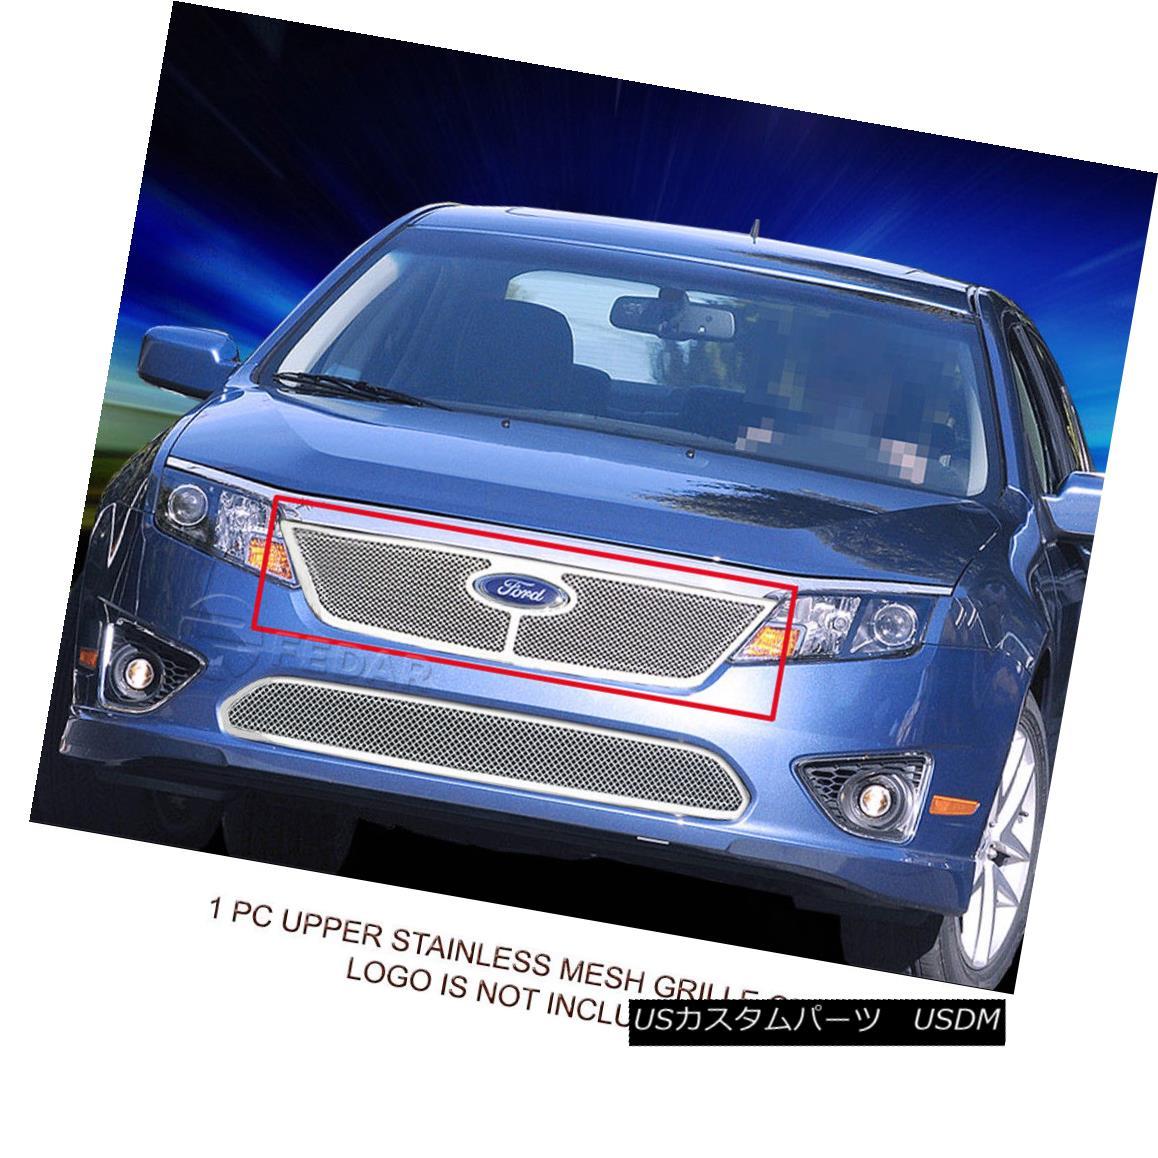 グリル Fedar Fits 2010-2012 Ford Fusion Polished Replacement Formed Mesh Grille Insert Fedarは2010-2012年を適合させるフォード融合研磨された置換されたメッシュグリルインサート